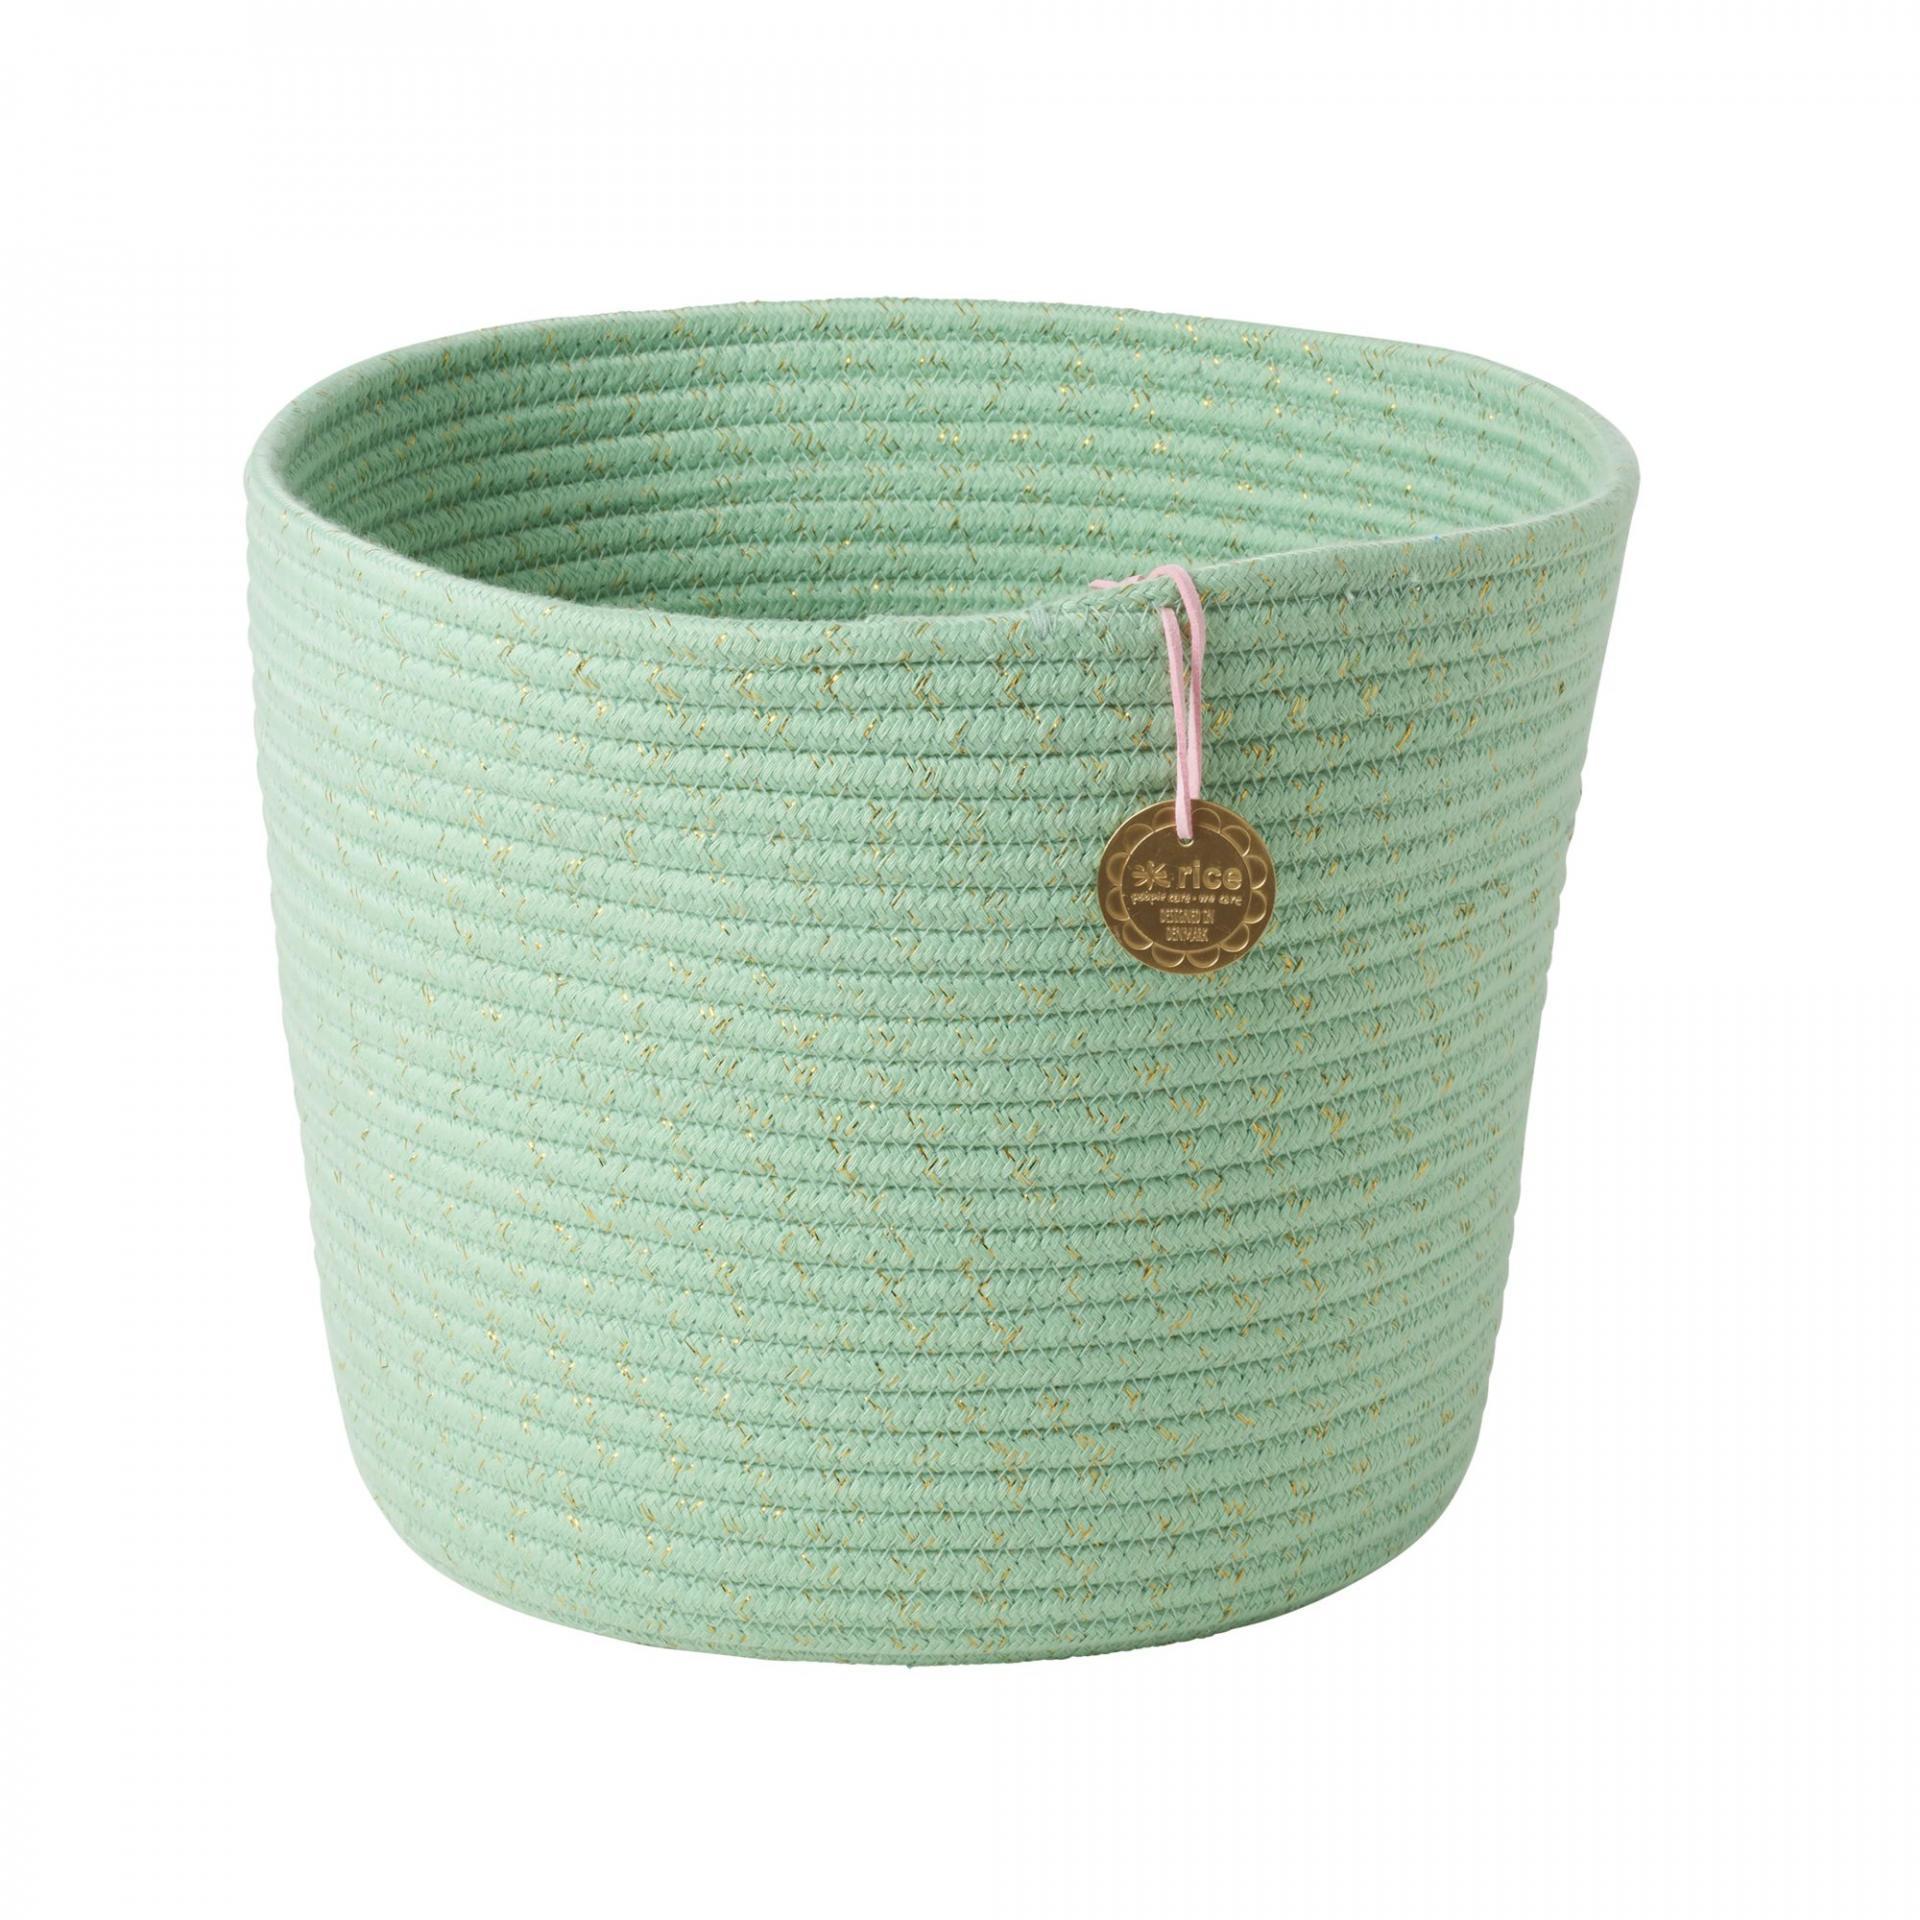 rice Úložný koš Mint Green, zelená barva, textil